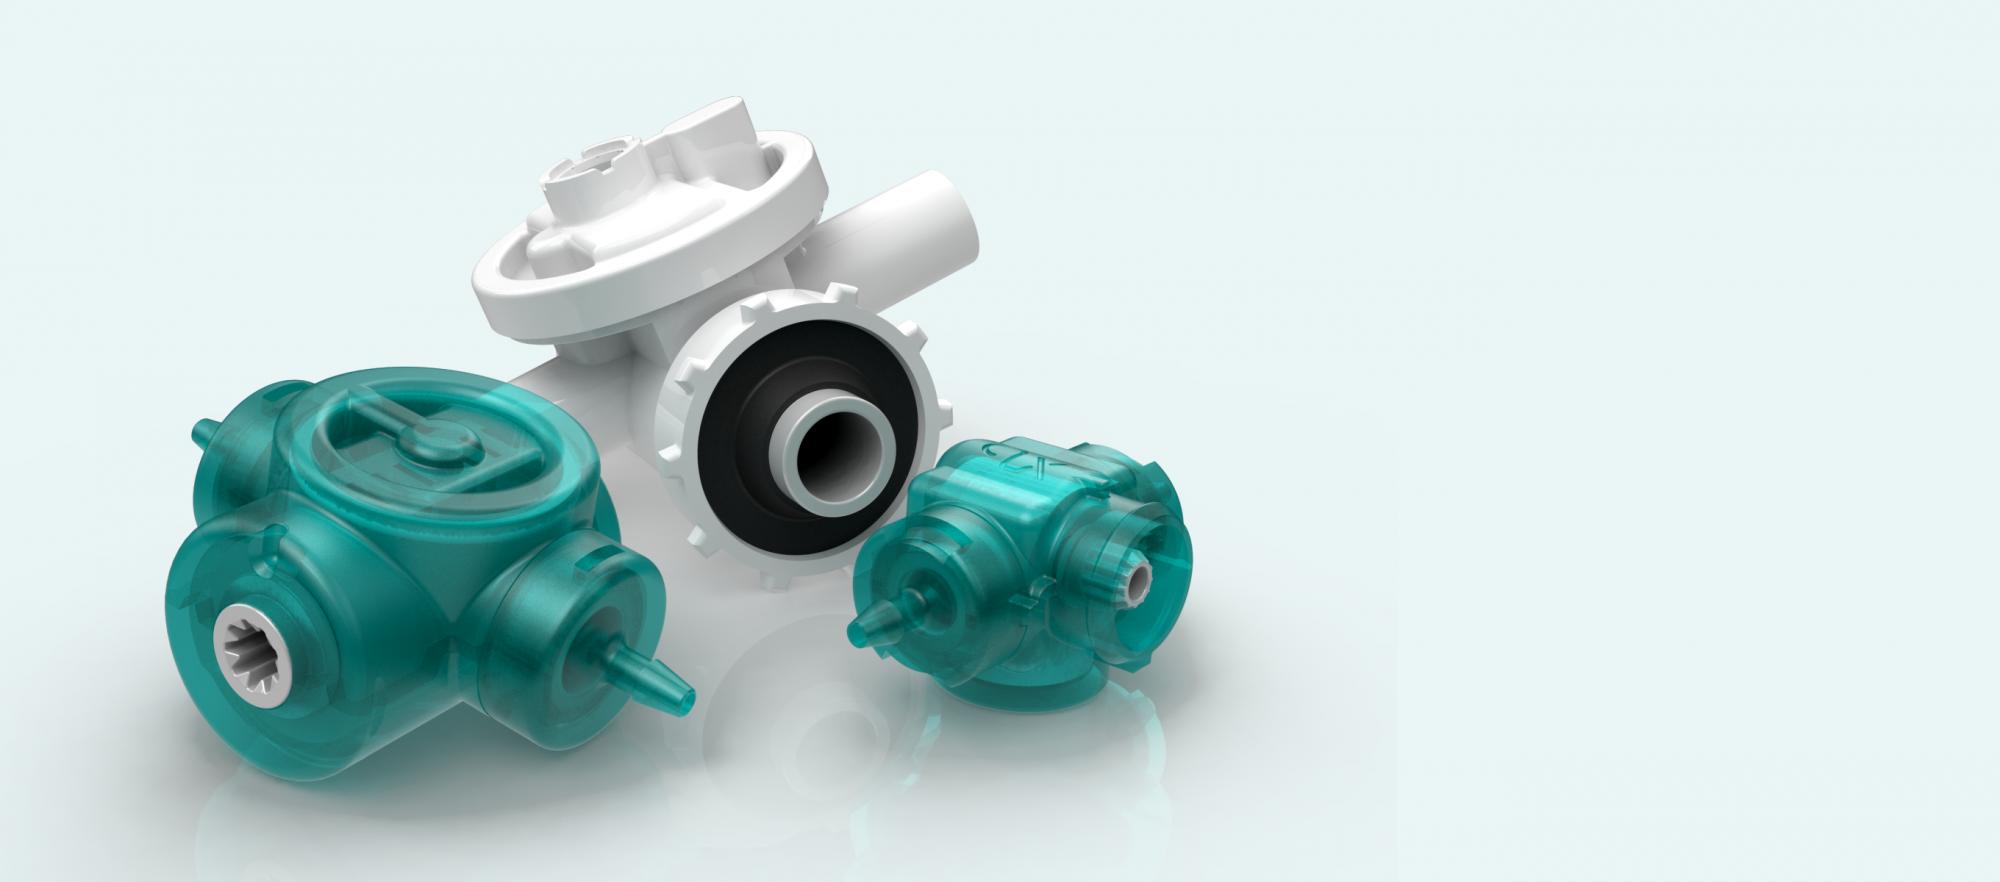 Quantex pumps - single use